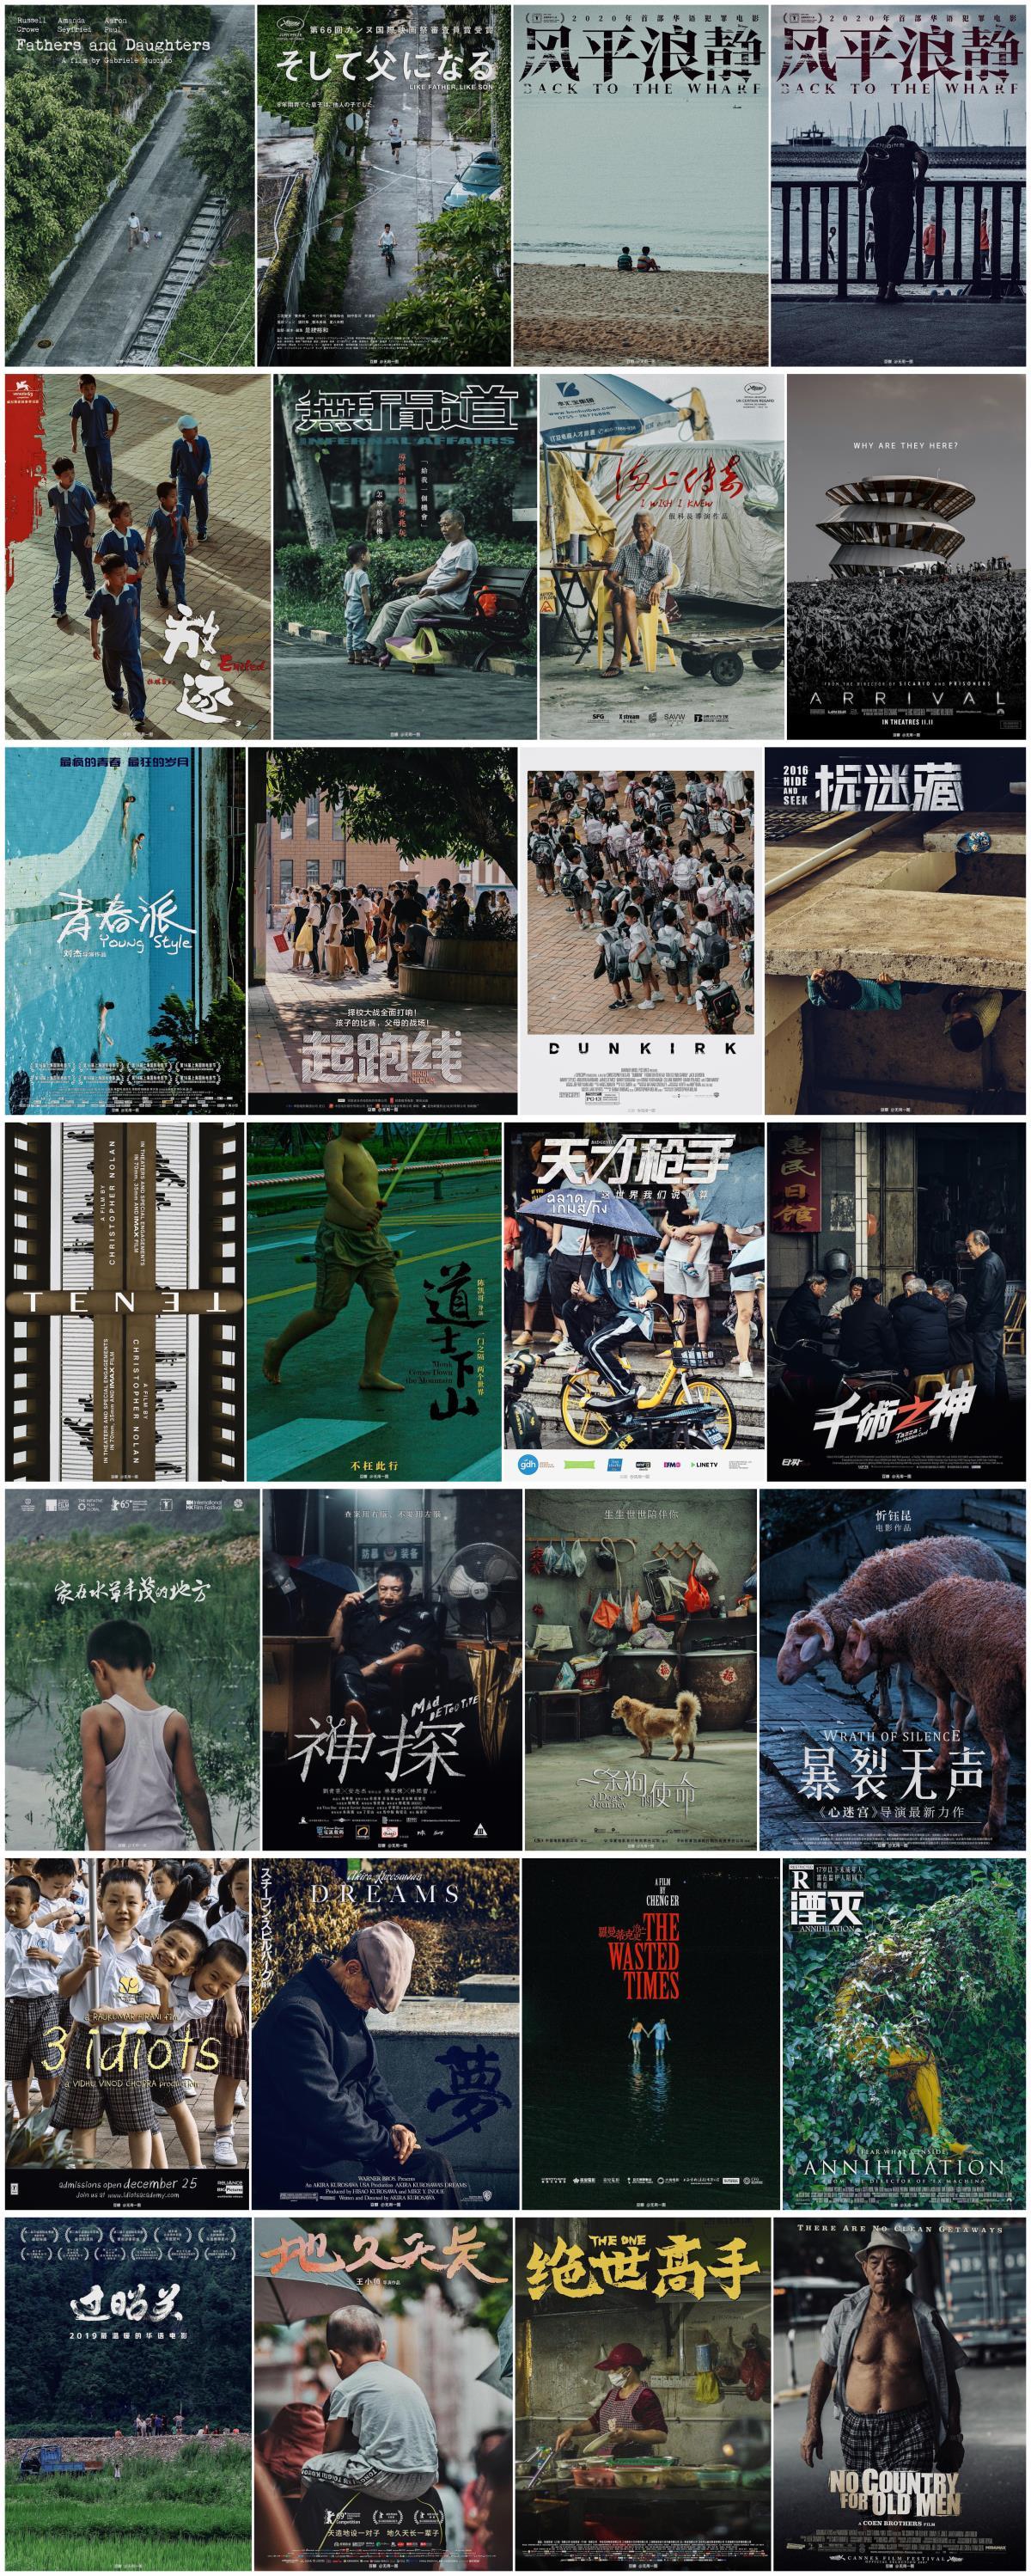 从平凡生活里,设计师们创作出108张天才般的电影海报